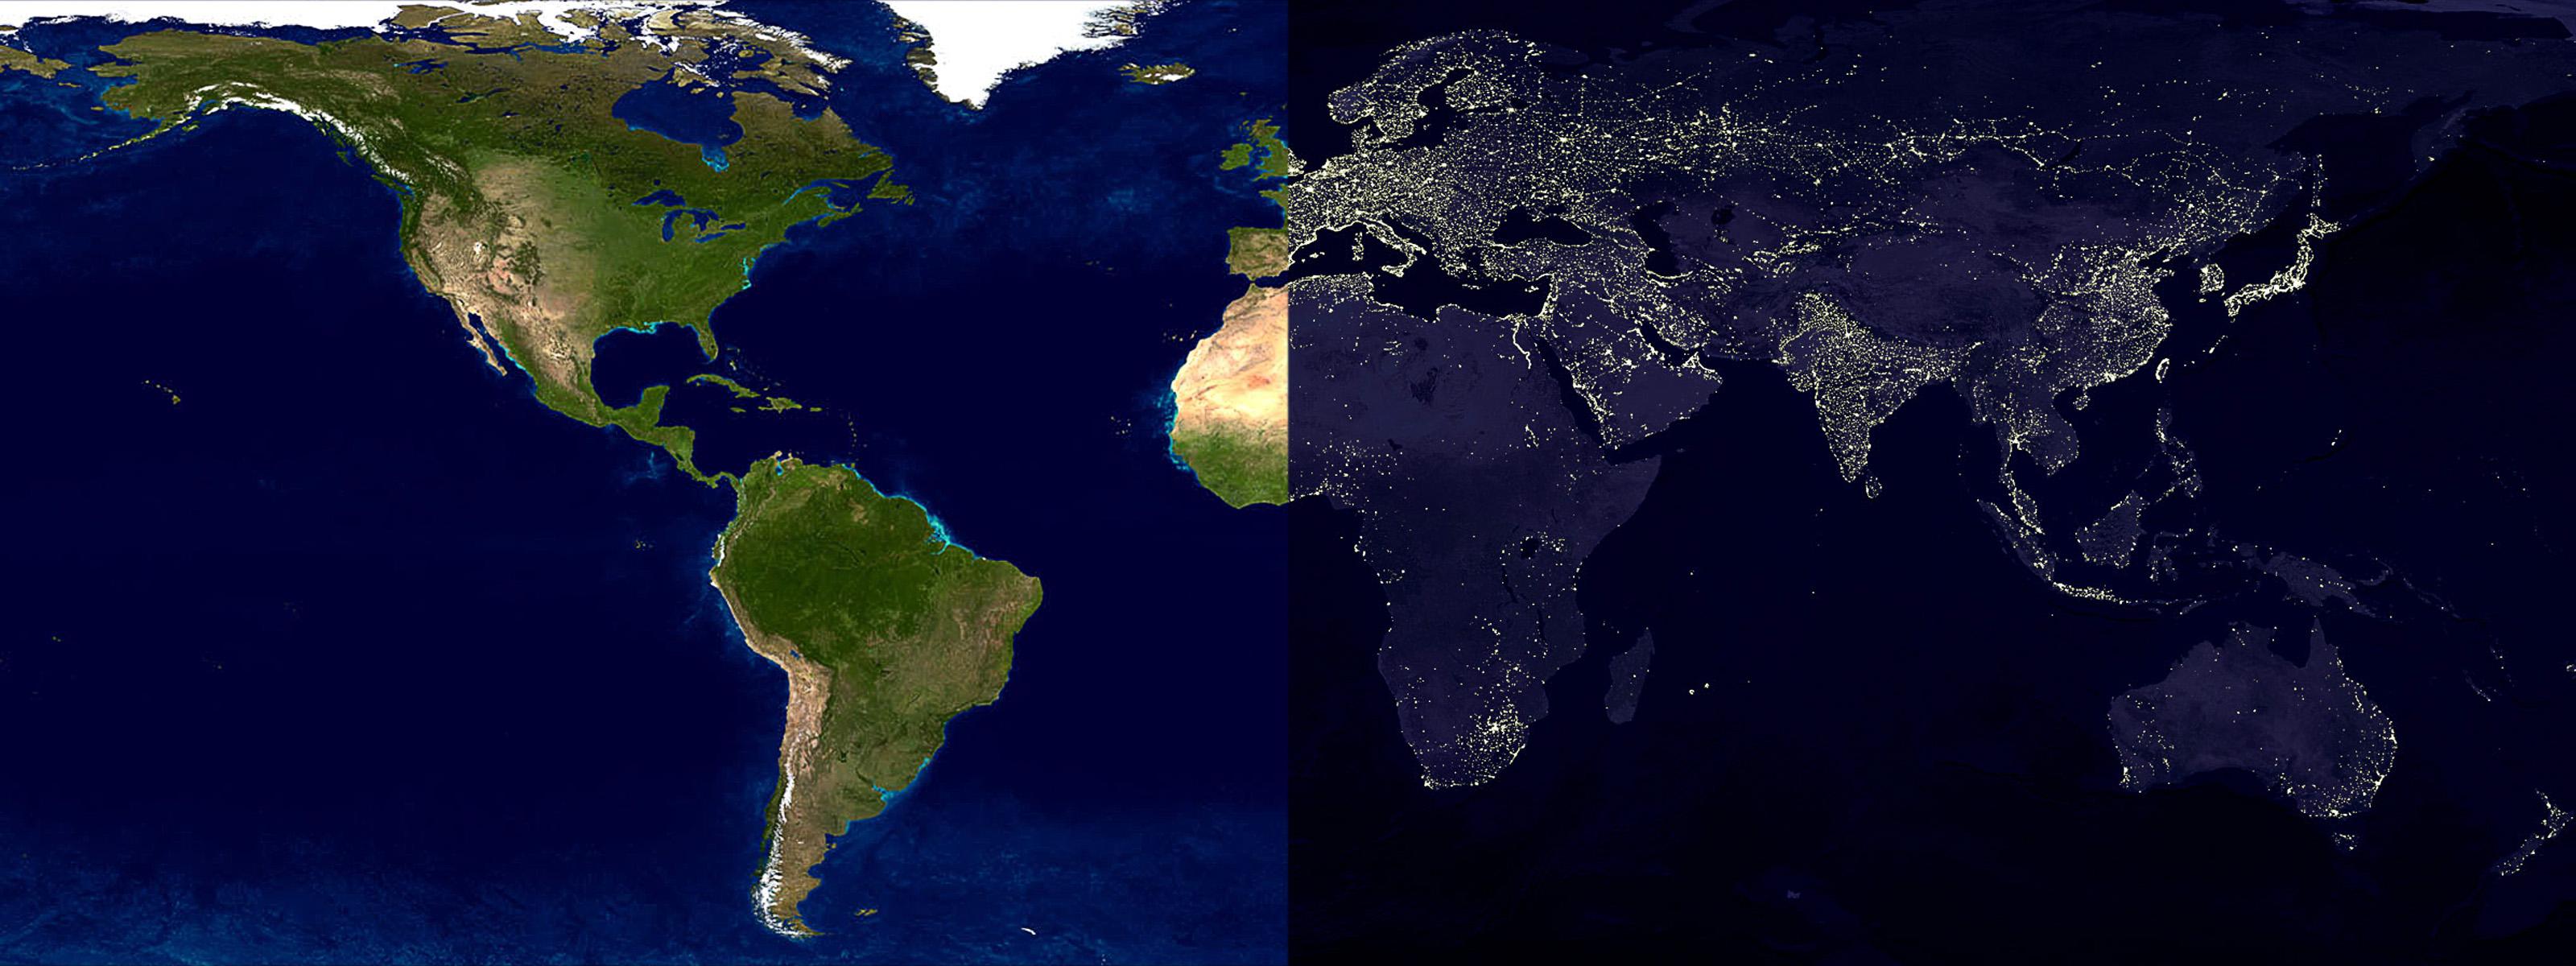 maps daylight world map nighttime wallpaper 3200x1200